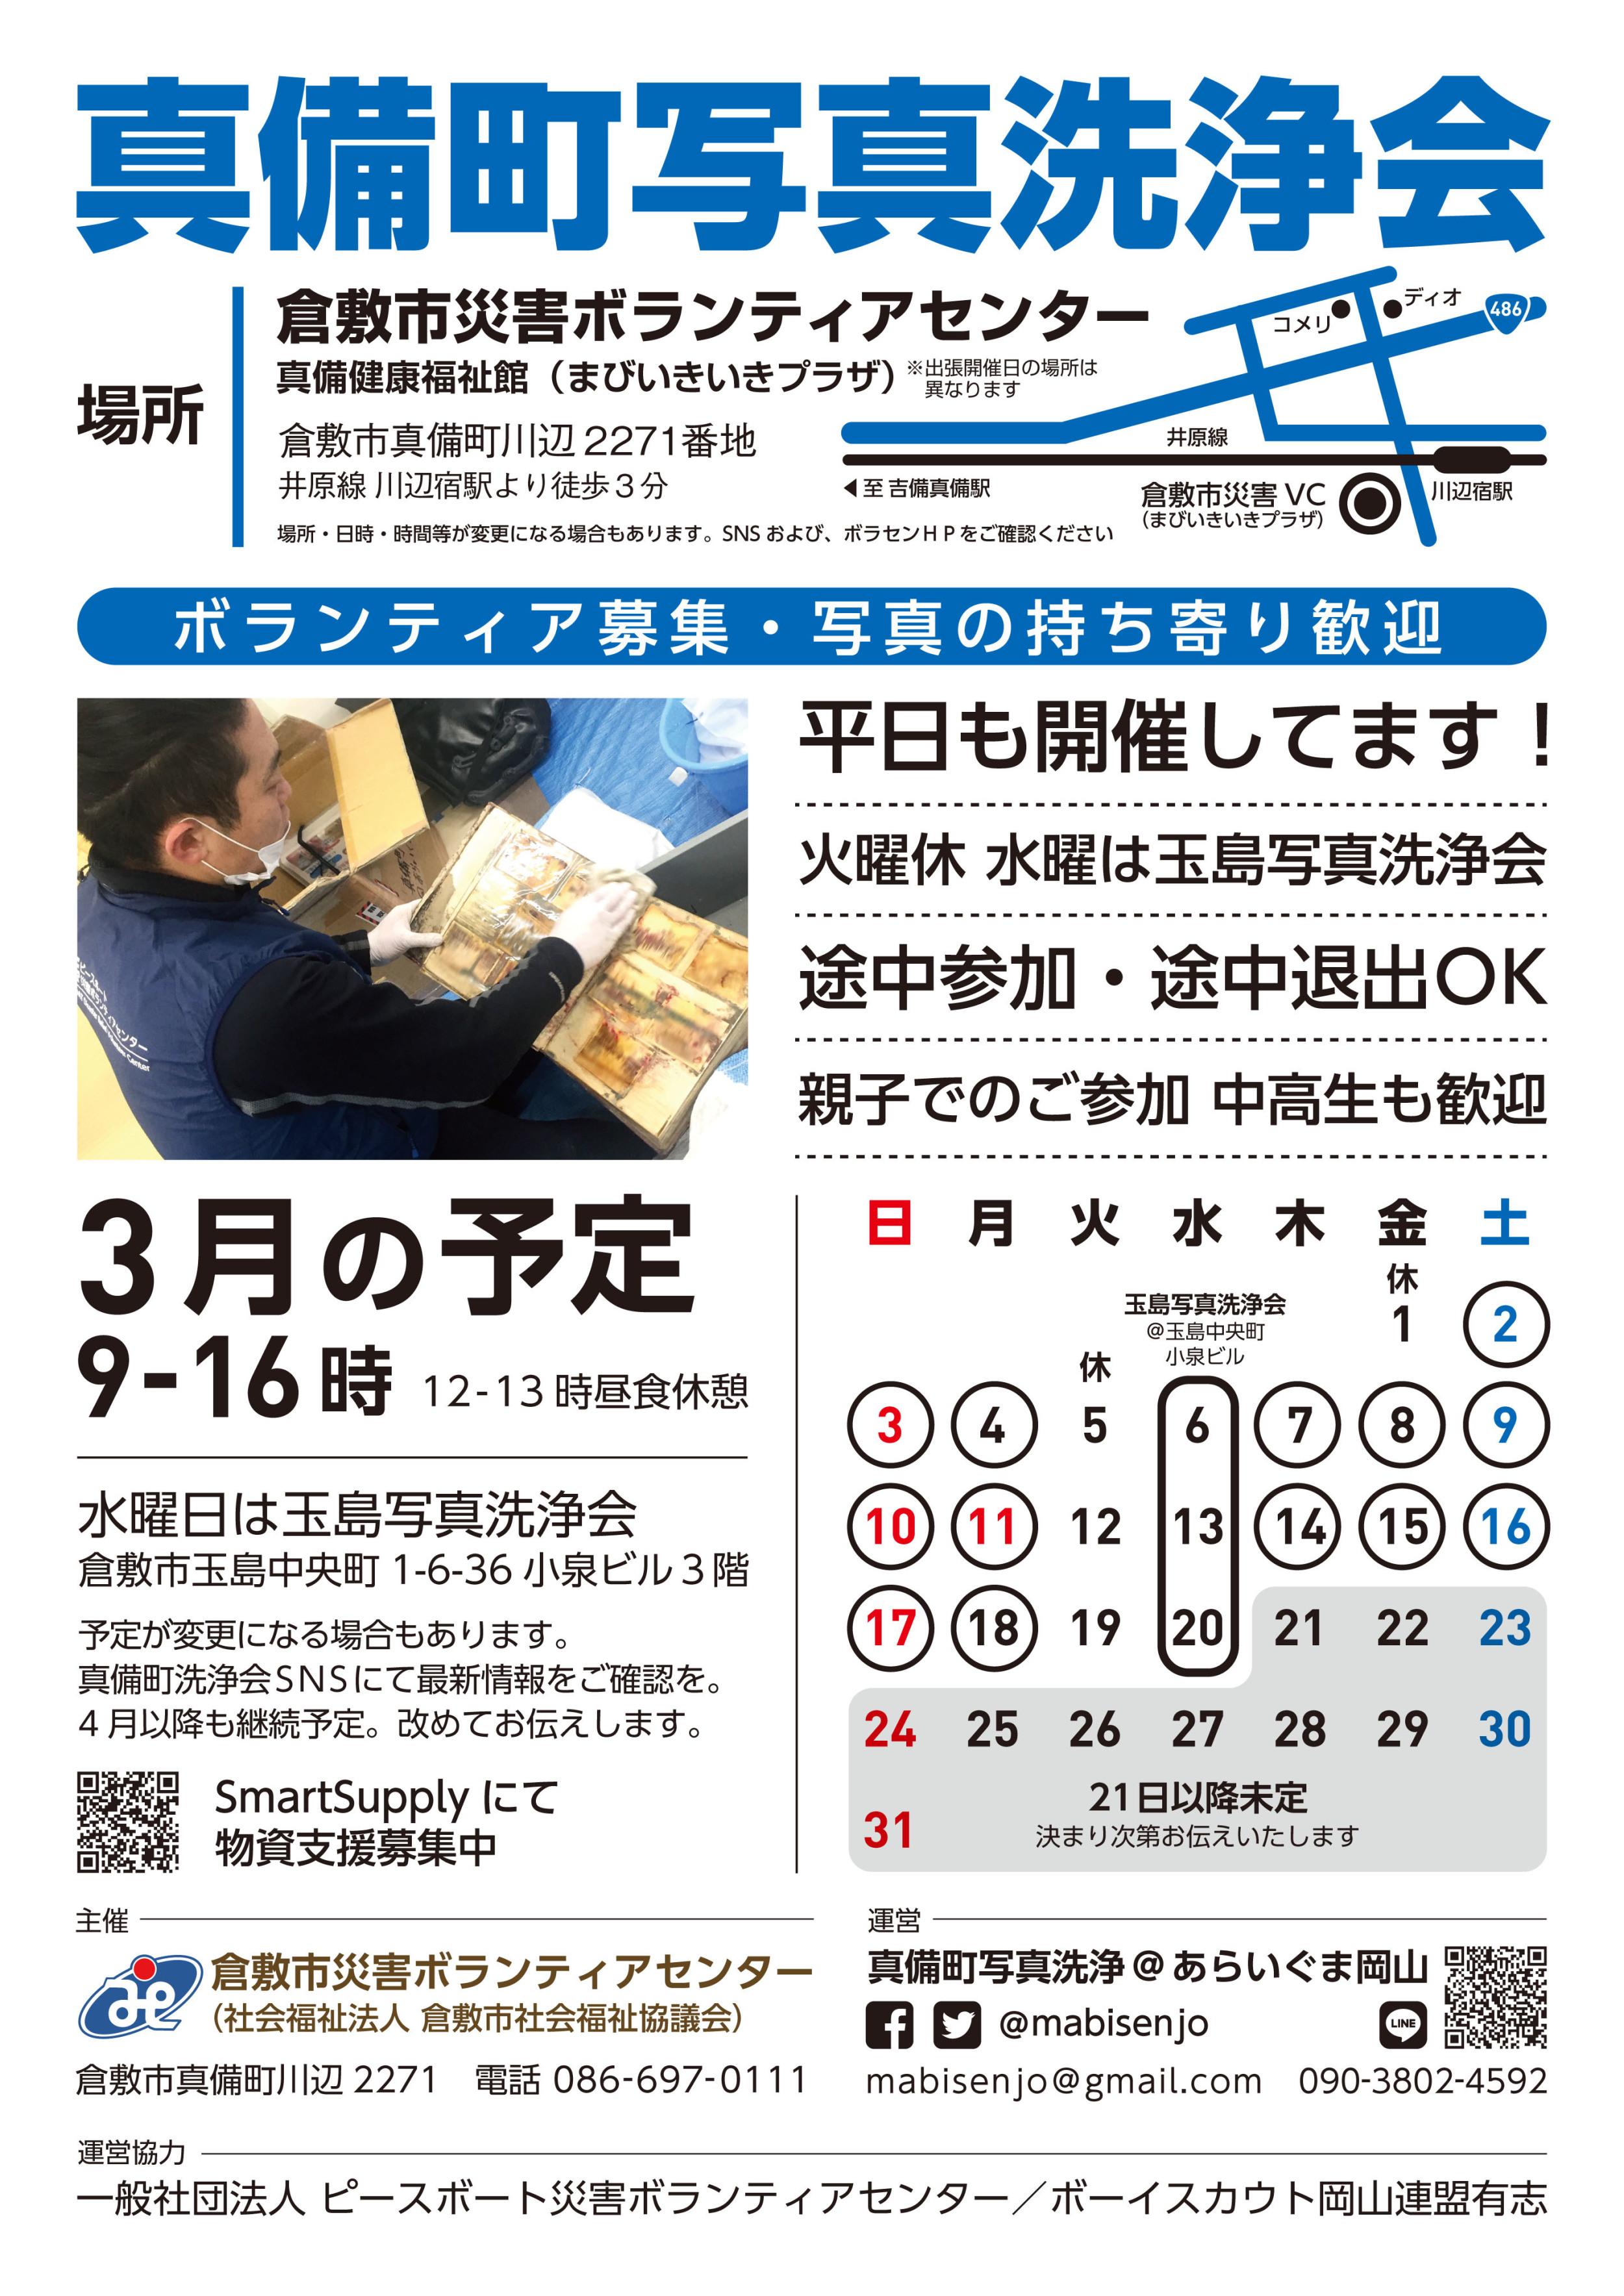 【平成30年7月豪雨】ボランティア募集情報 (2019年3月9日更新)